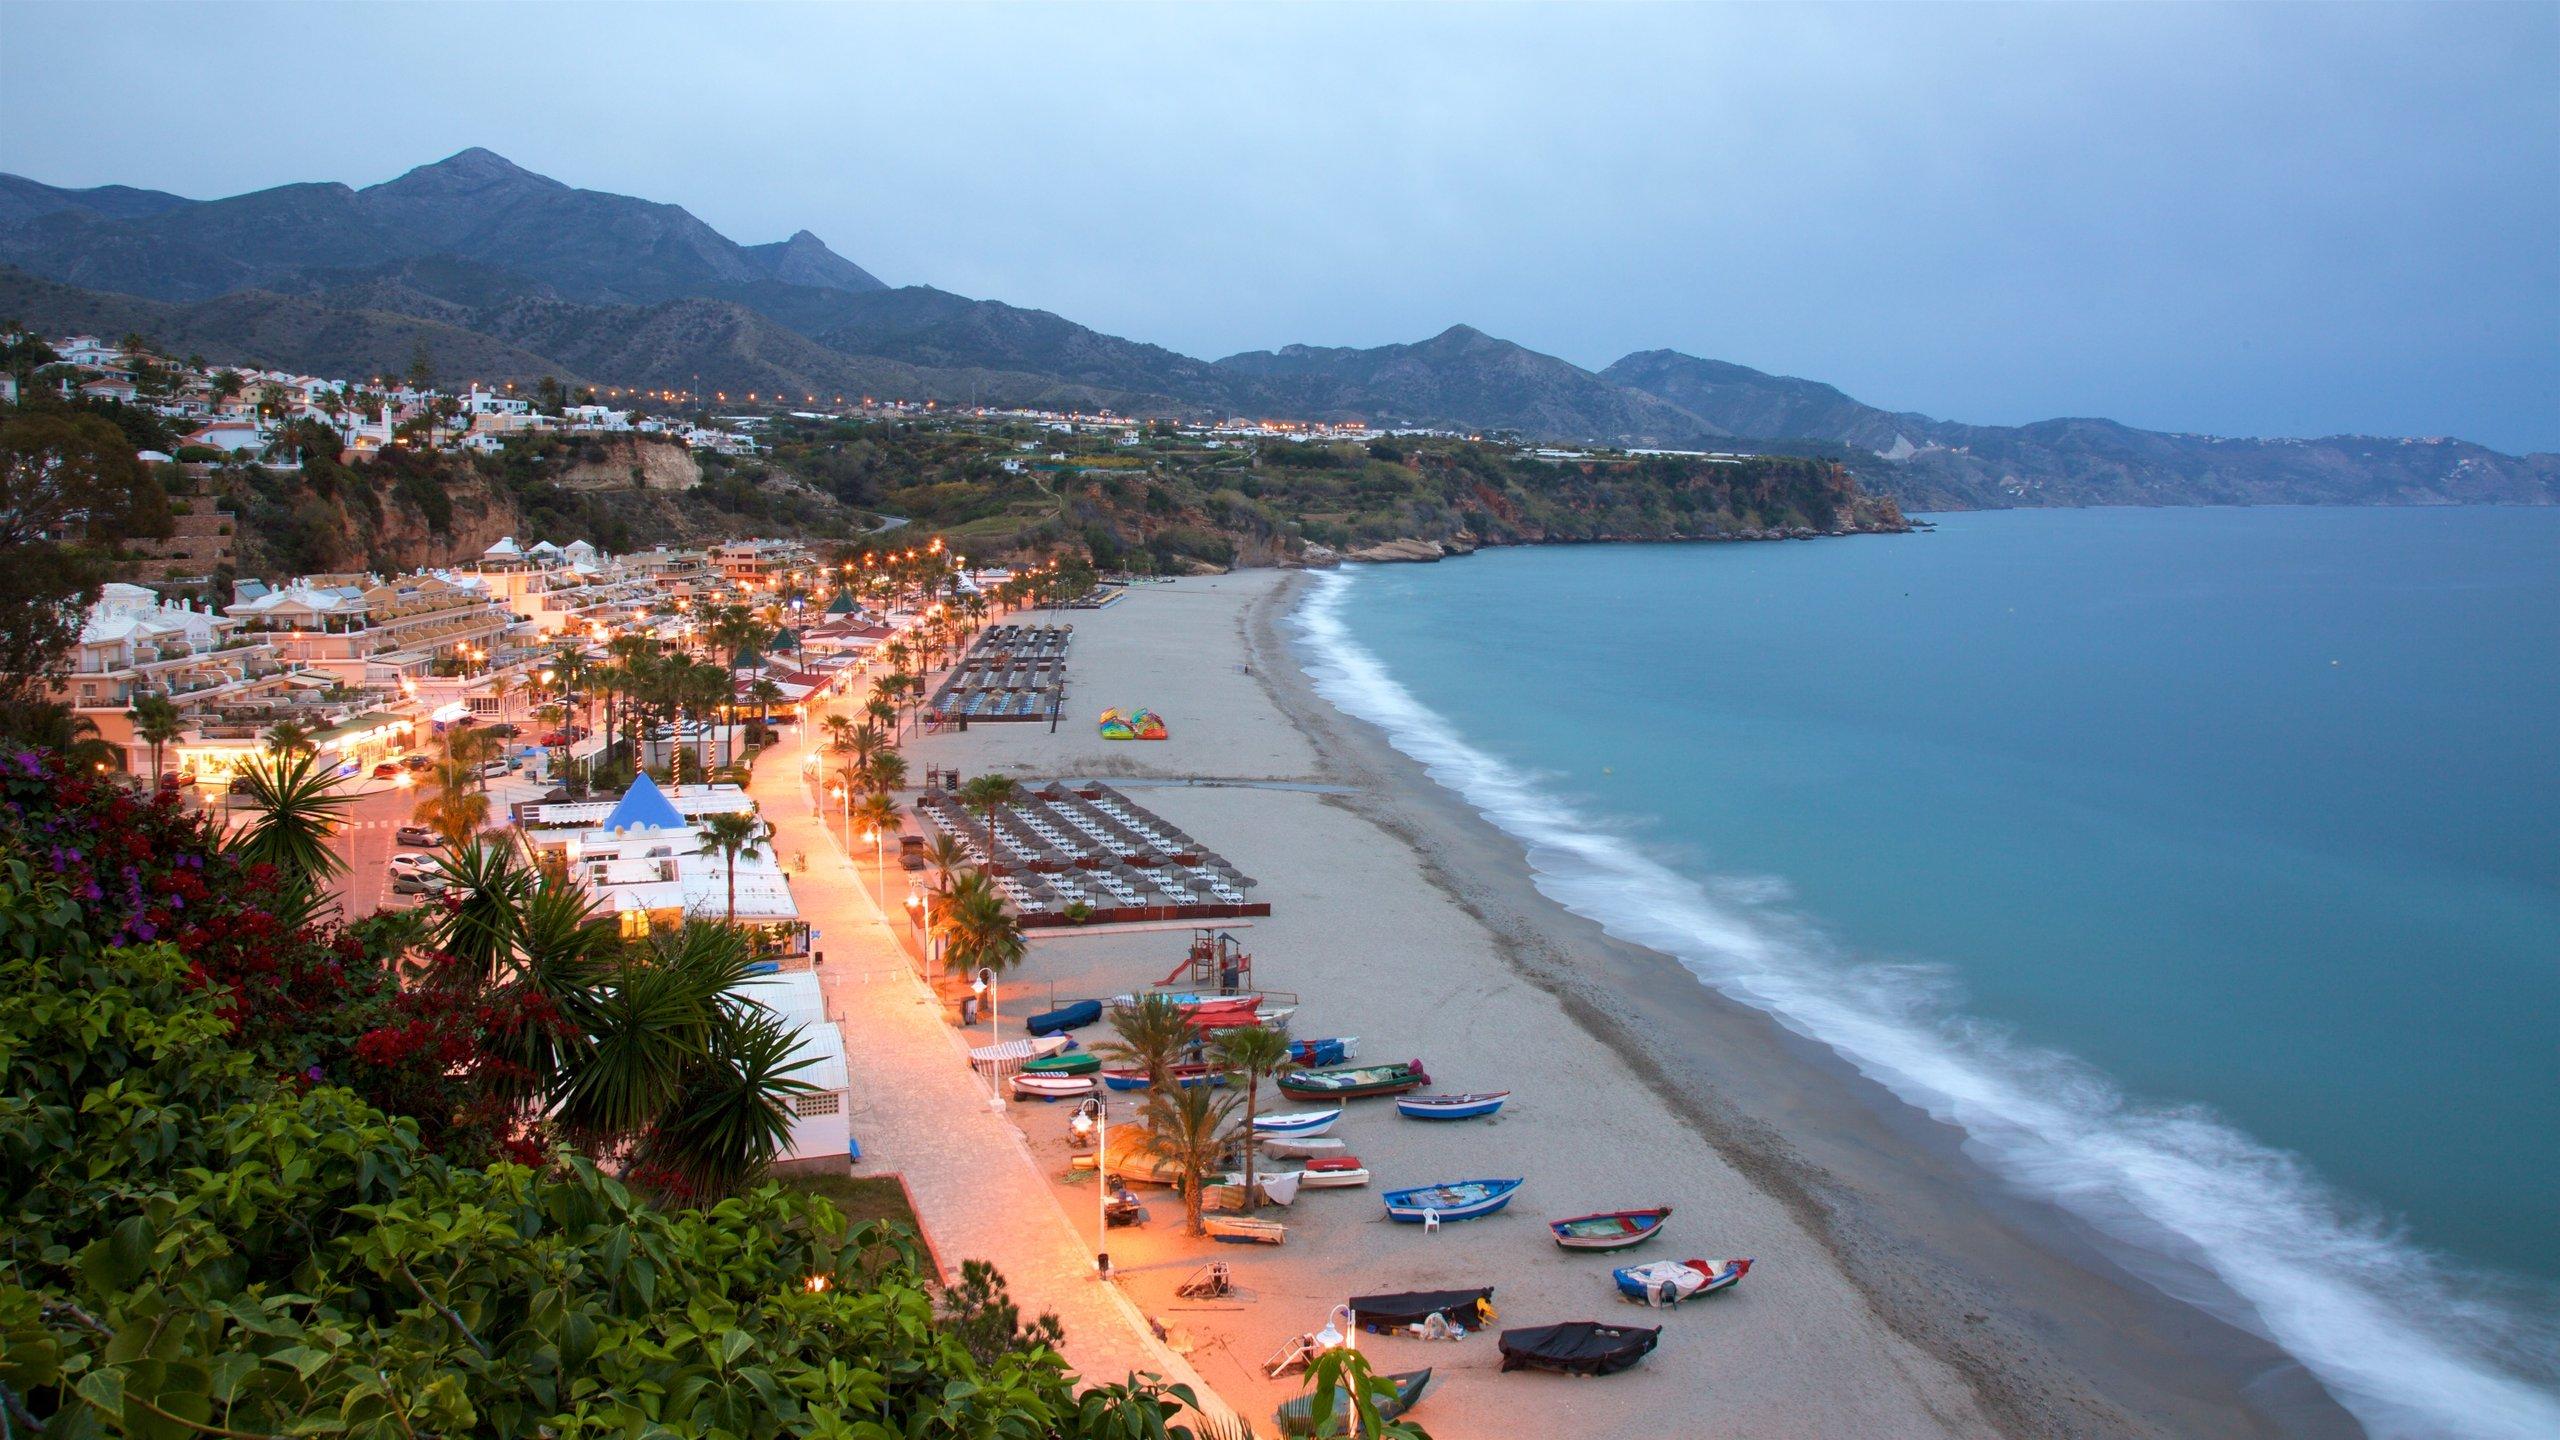 L'eau invitante de la Méditerranée, les sports nautiques, les bars sur la plage et une promenade animée font le charme des plages prisées de Nerja.